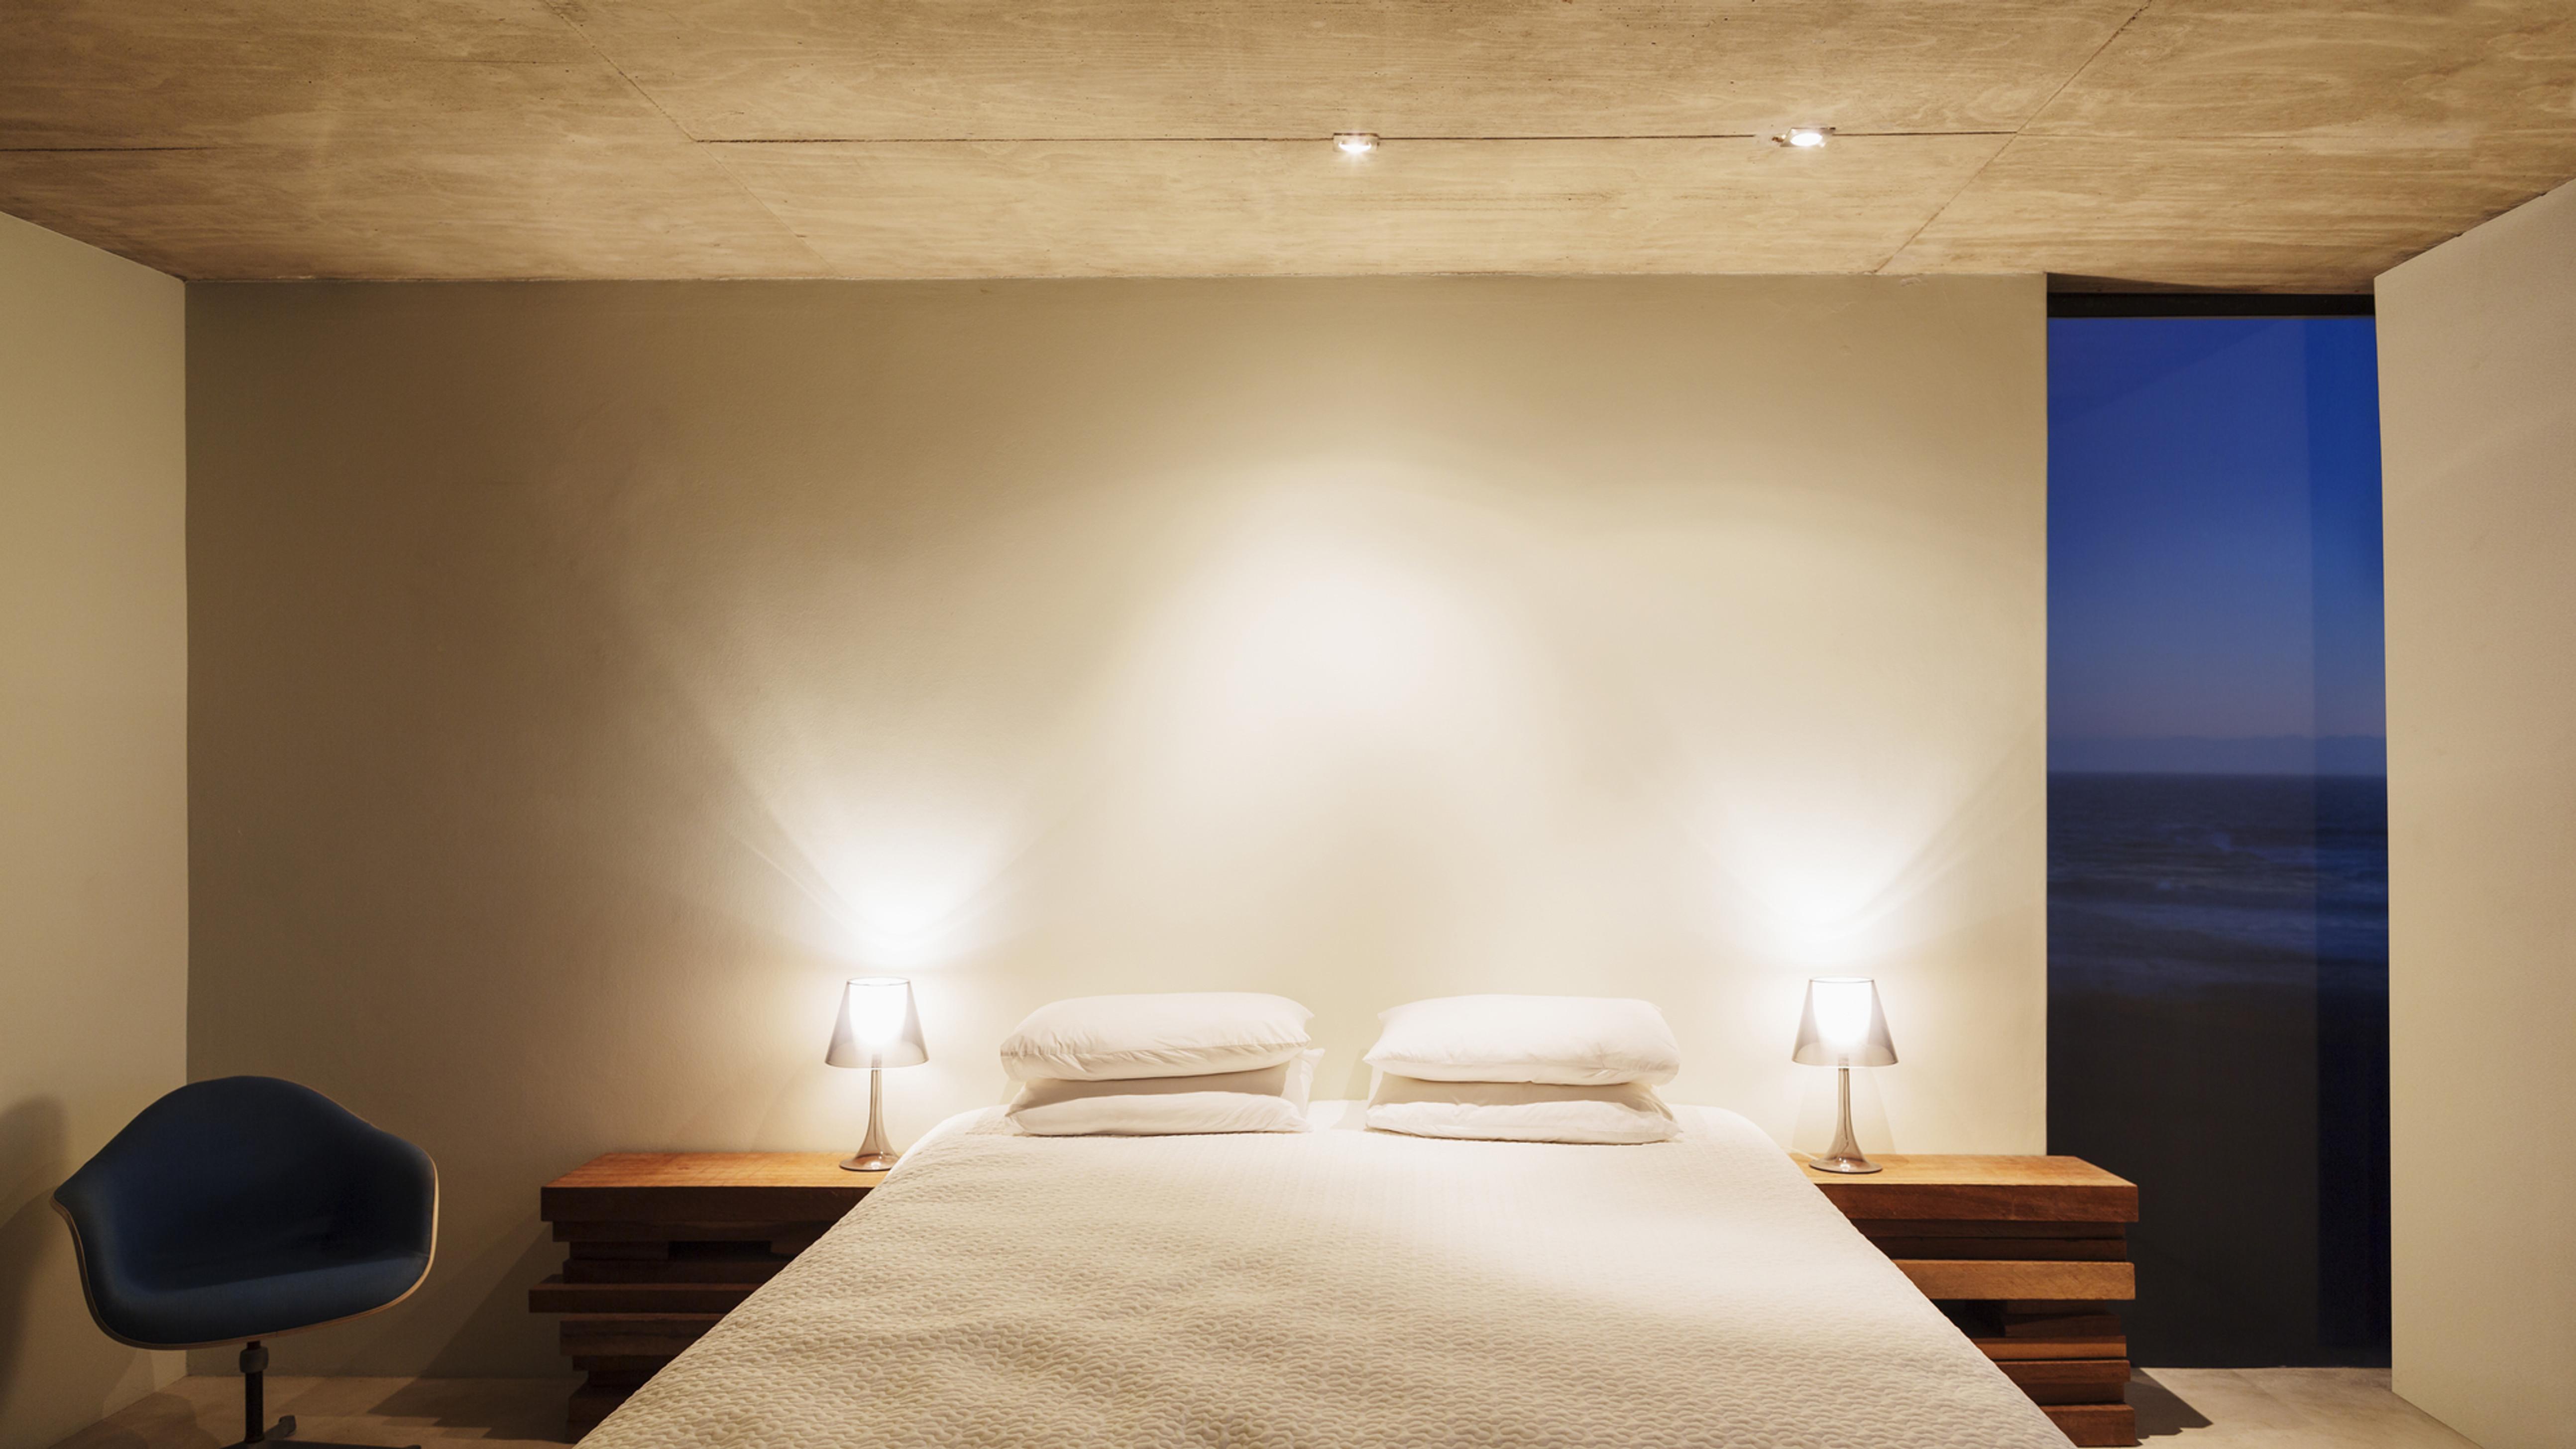 Schlafplatzanalyse